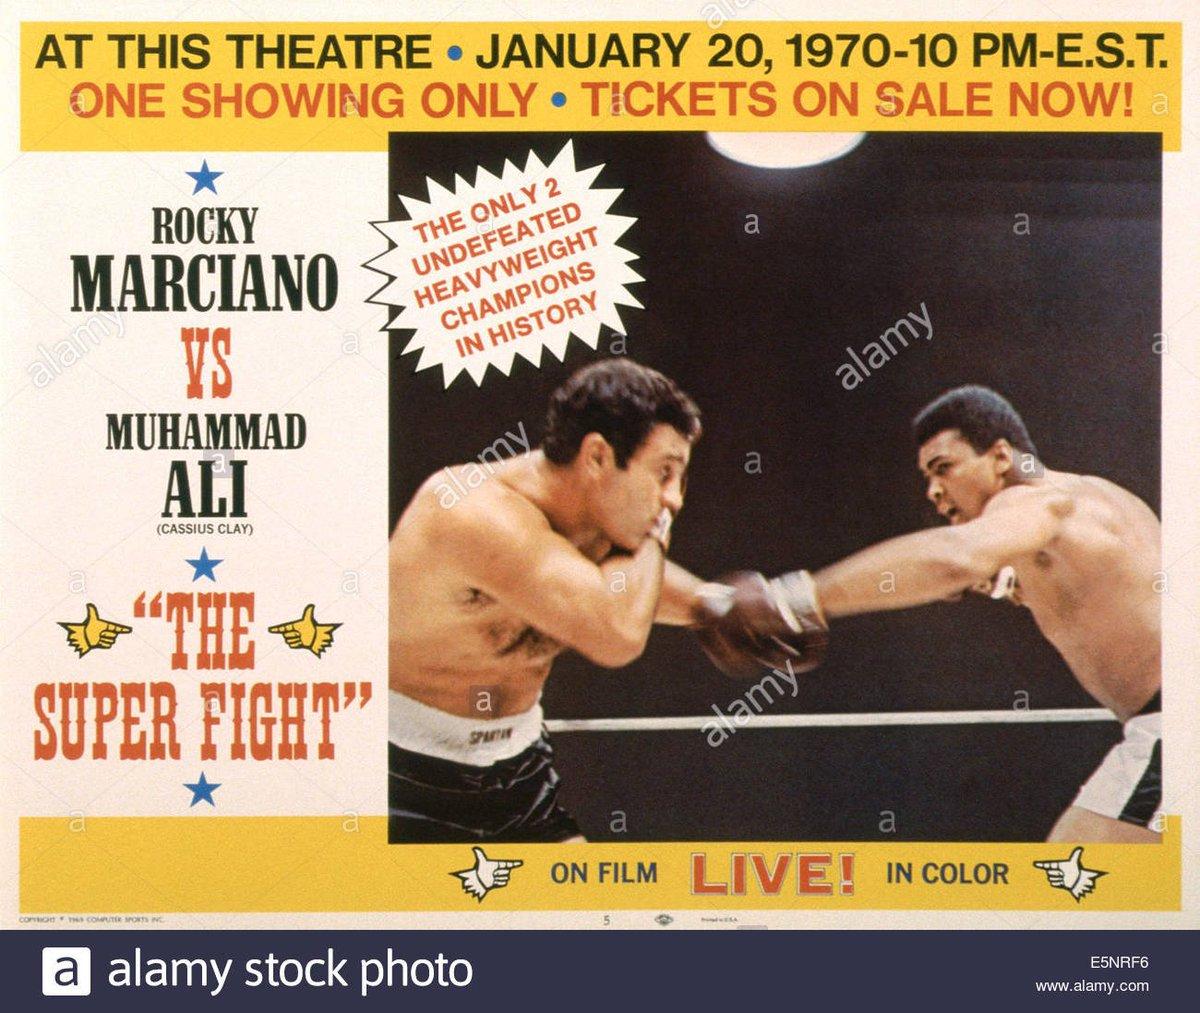 detalles sobre cada boxeador, sus fortalezas, debilidades, estilos, patrones de pelea y otros factores. Todo esto se llevó a fórmulas matemáticas.  4/5  #IA #InteligenciaArtificial #AI #ArtificialIntelligence #Boxeo #Boxing #Ali #MuhammadAli #Marciano #RockyMarciano